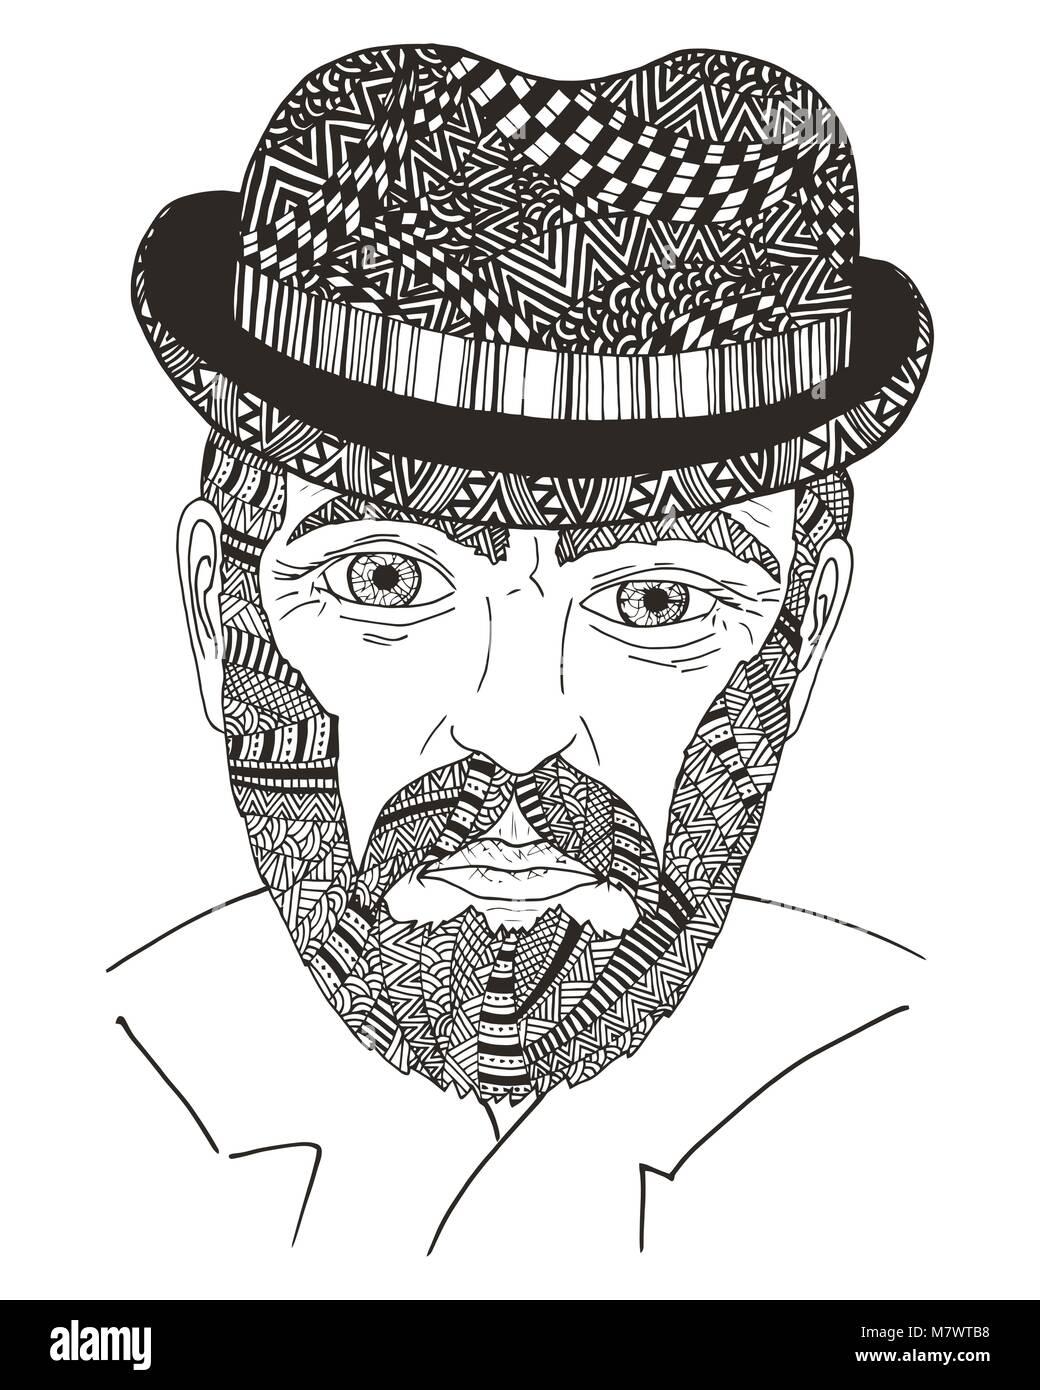 Tienen el blues. Maraña Zen y doodle viejo hombre. Zentangle retrato ...